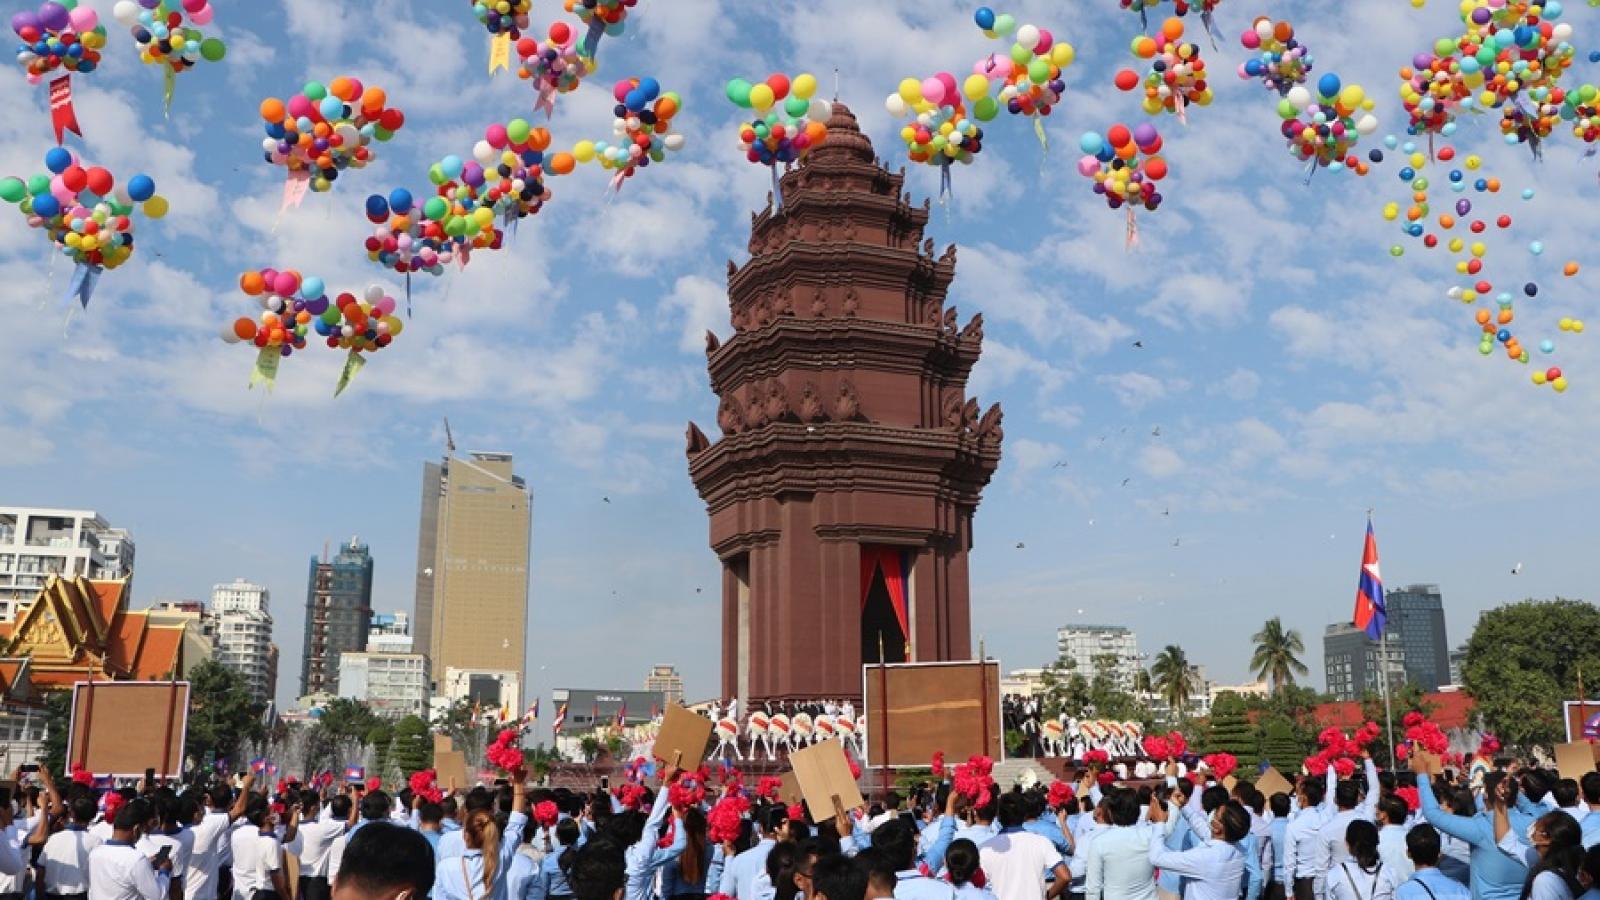 Campuchia kỷ niệm hoành tráng Quốc khánh thứ 67 giữa đại dịch Covid-19